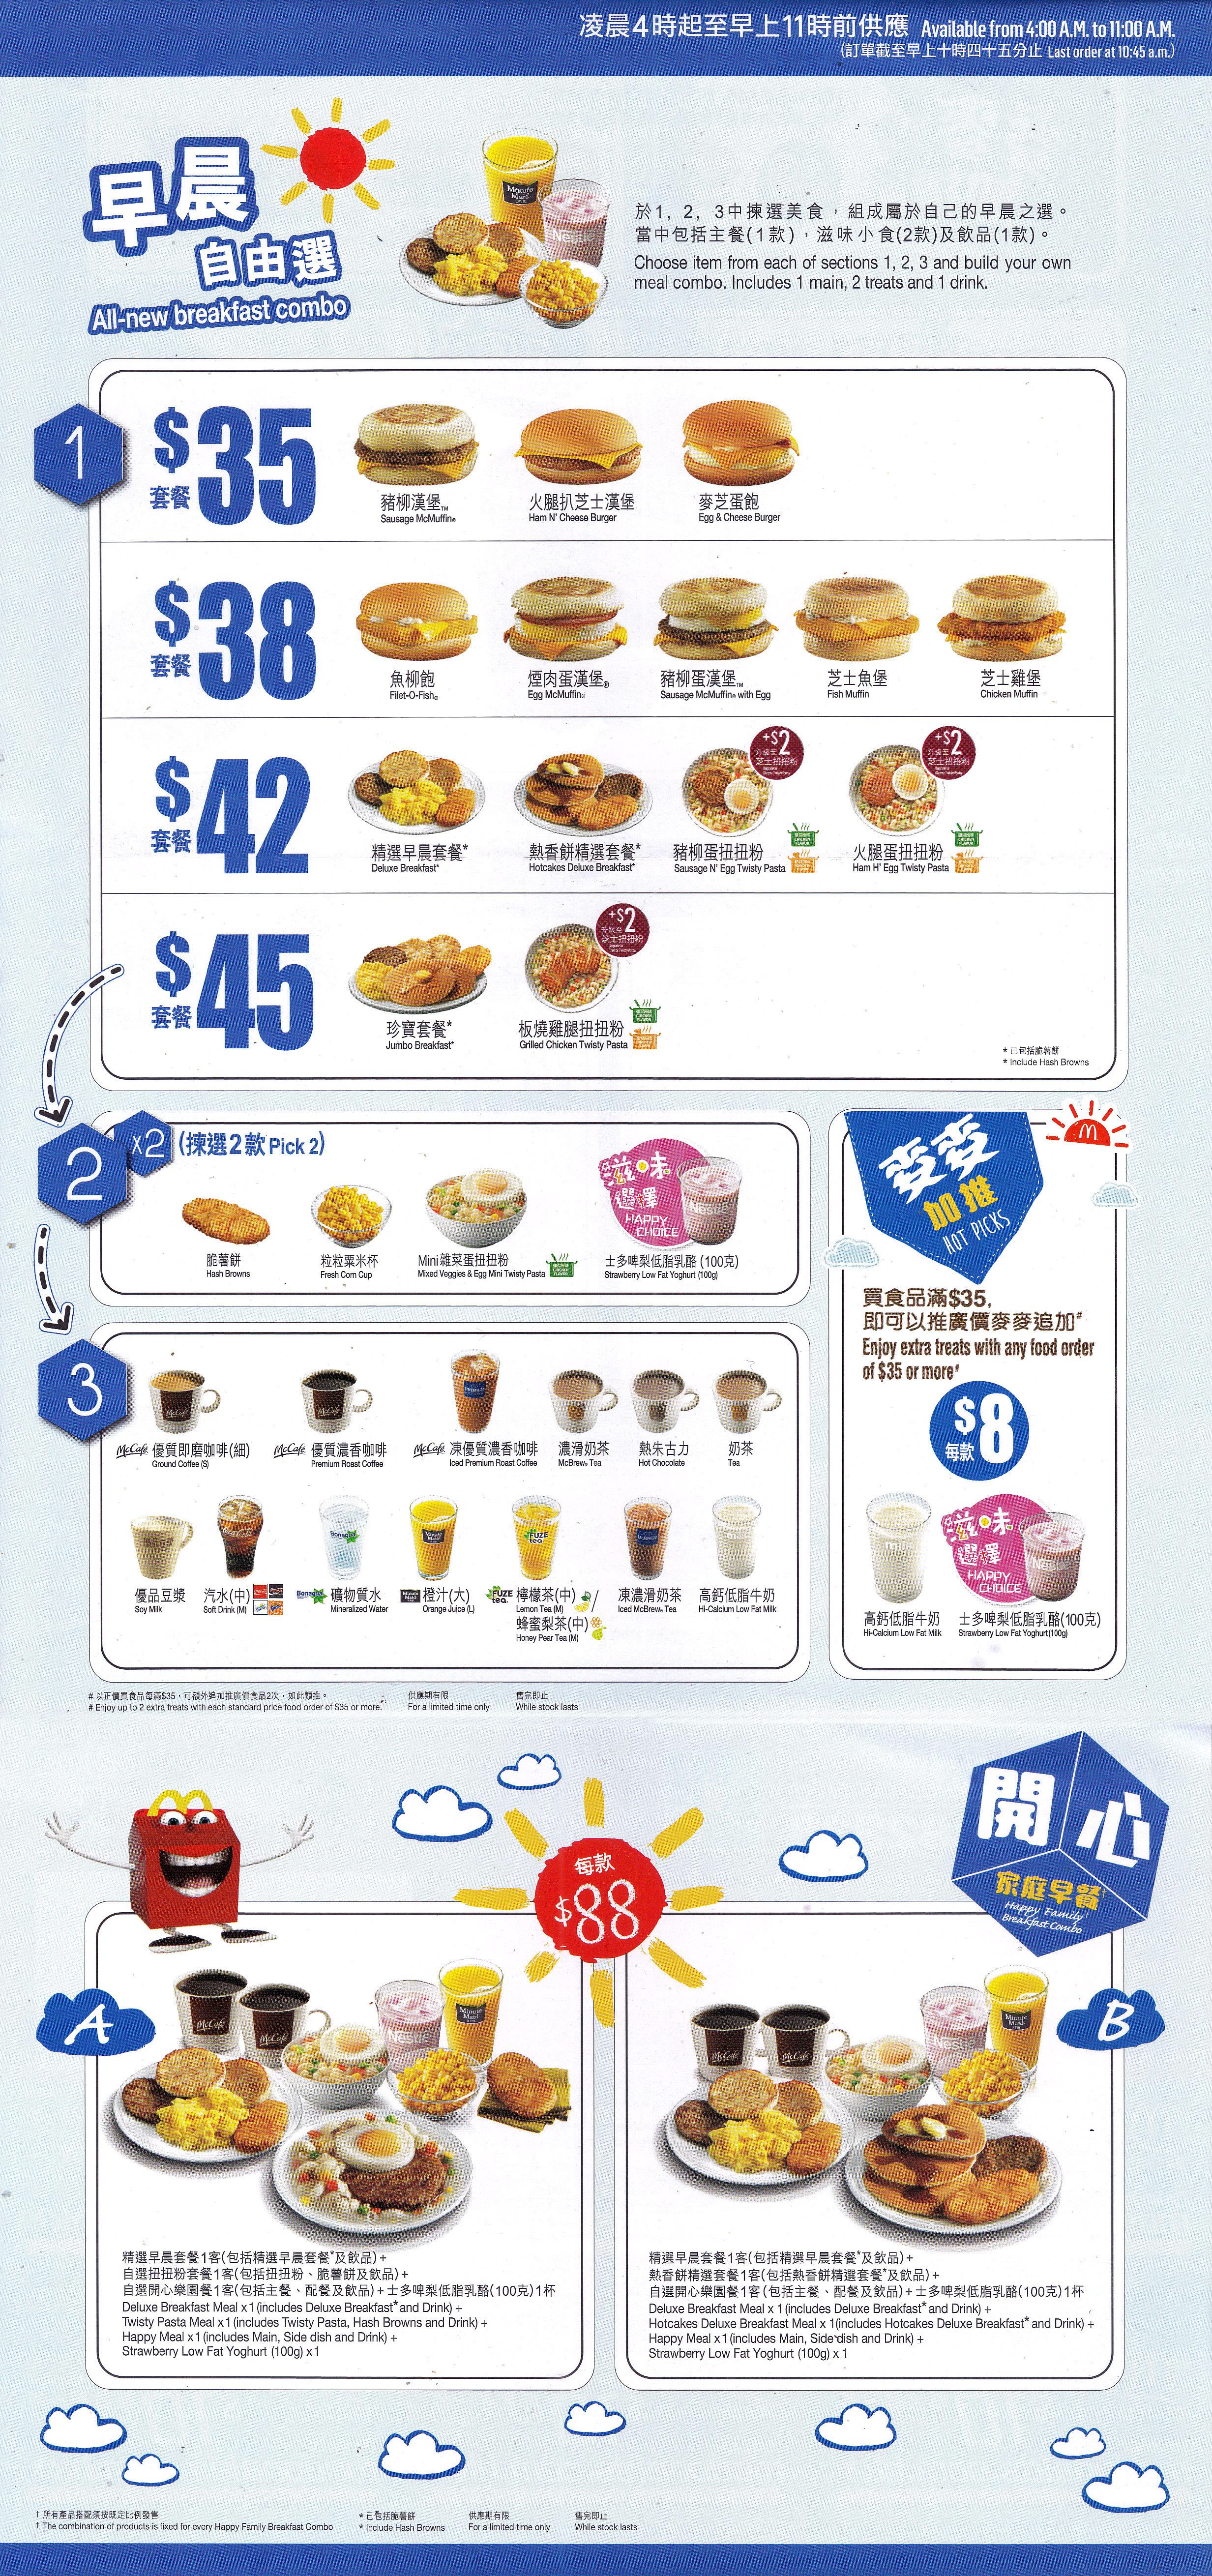 香港麥當勞24小時早餐時間麥麥送外賣餐牌餐單電話速遞優惠服務 mcdonald's delivery hong kong menu price